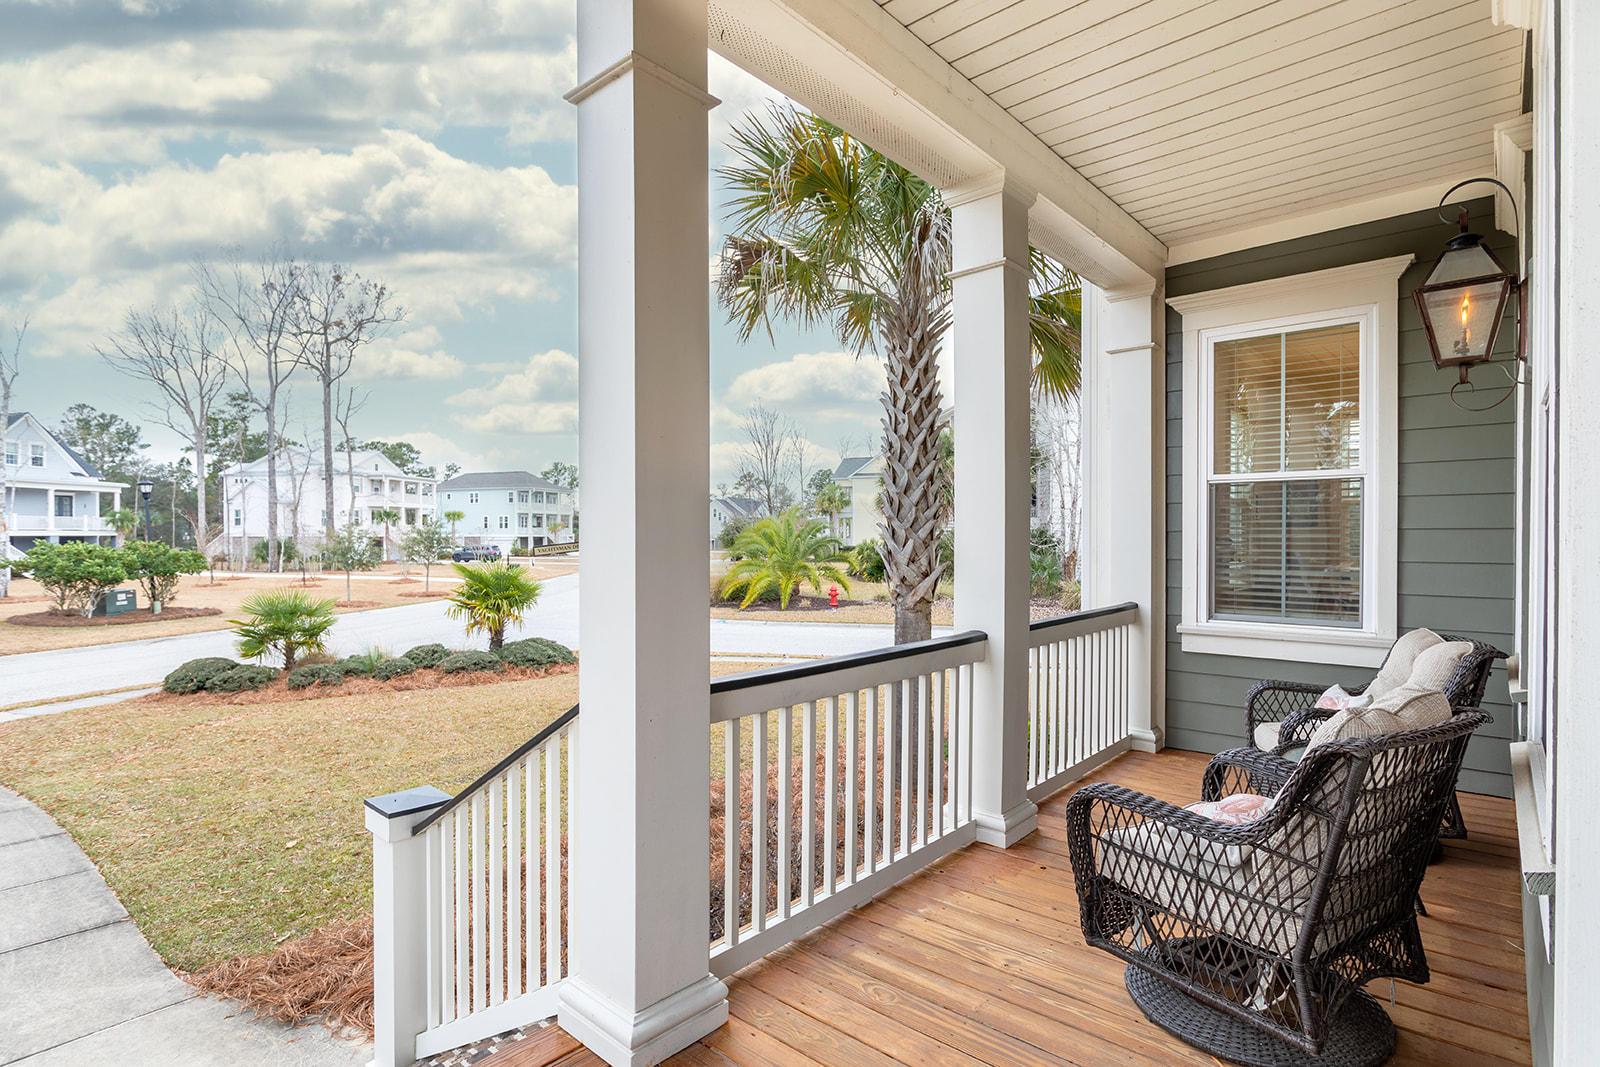 Dunes West Homes For Sale - 3019 Yachtsman, Mount Pleasant, SC - 3